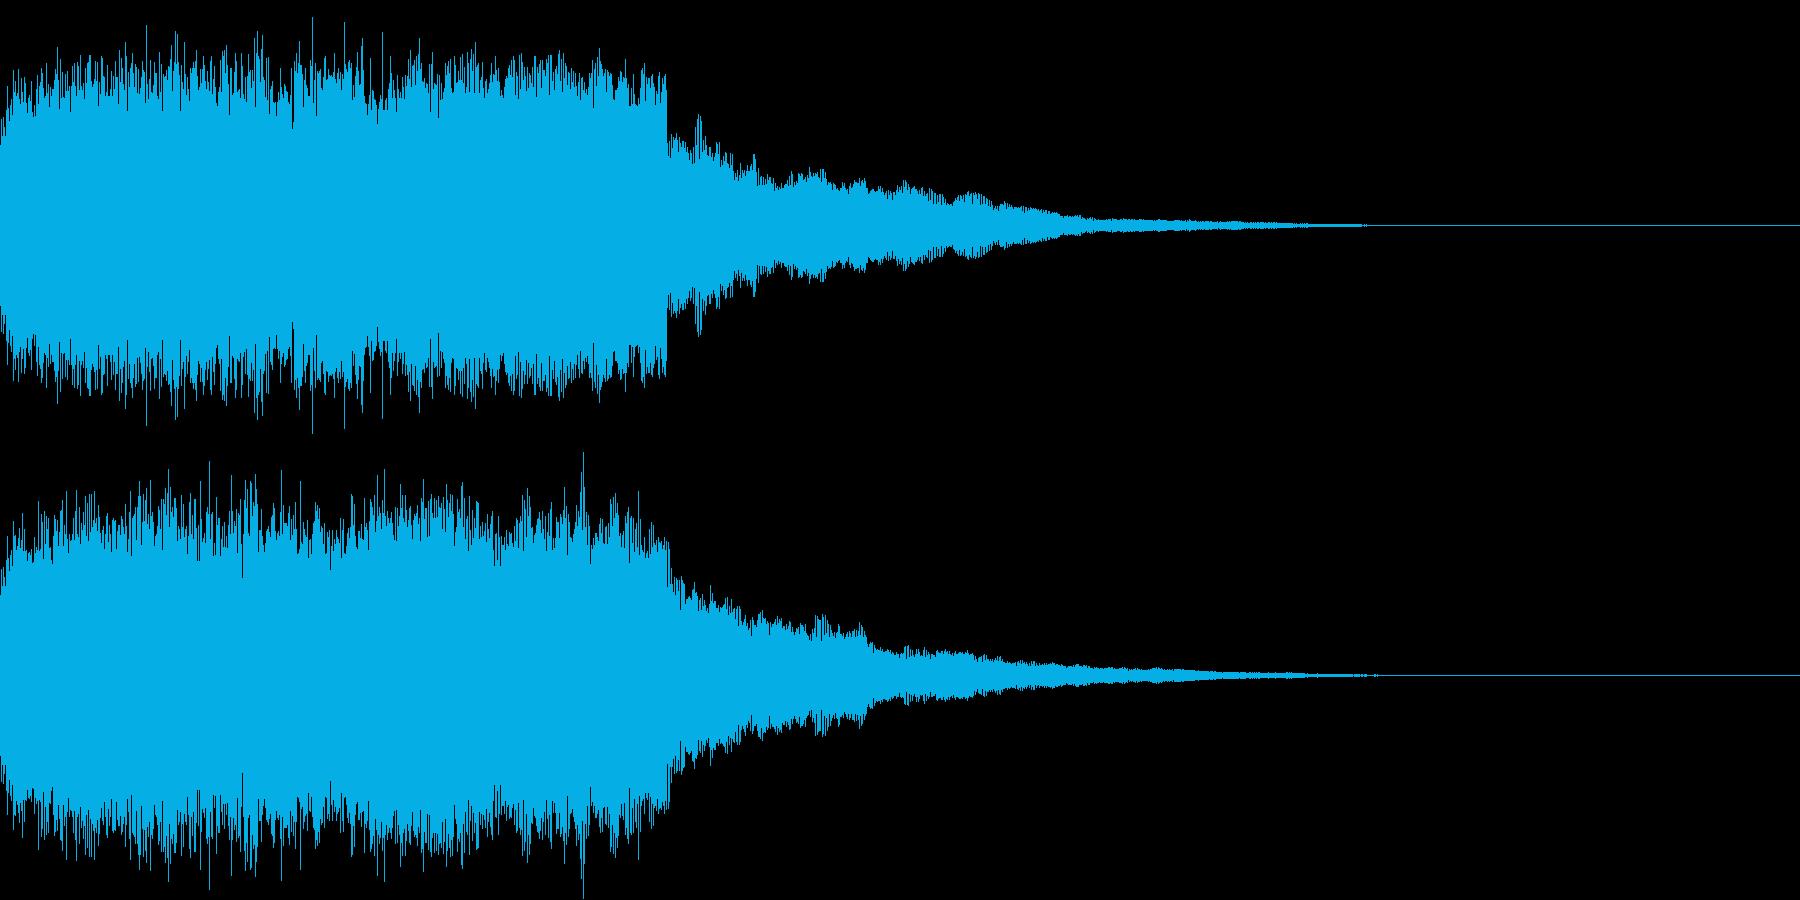 キュイン キュイーン ビーム キーン 2の再生済みの波形